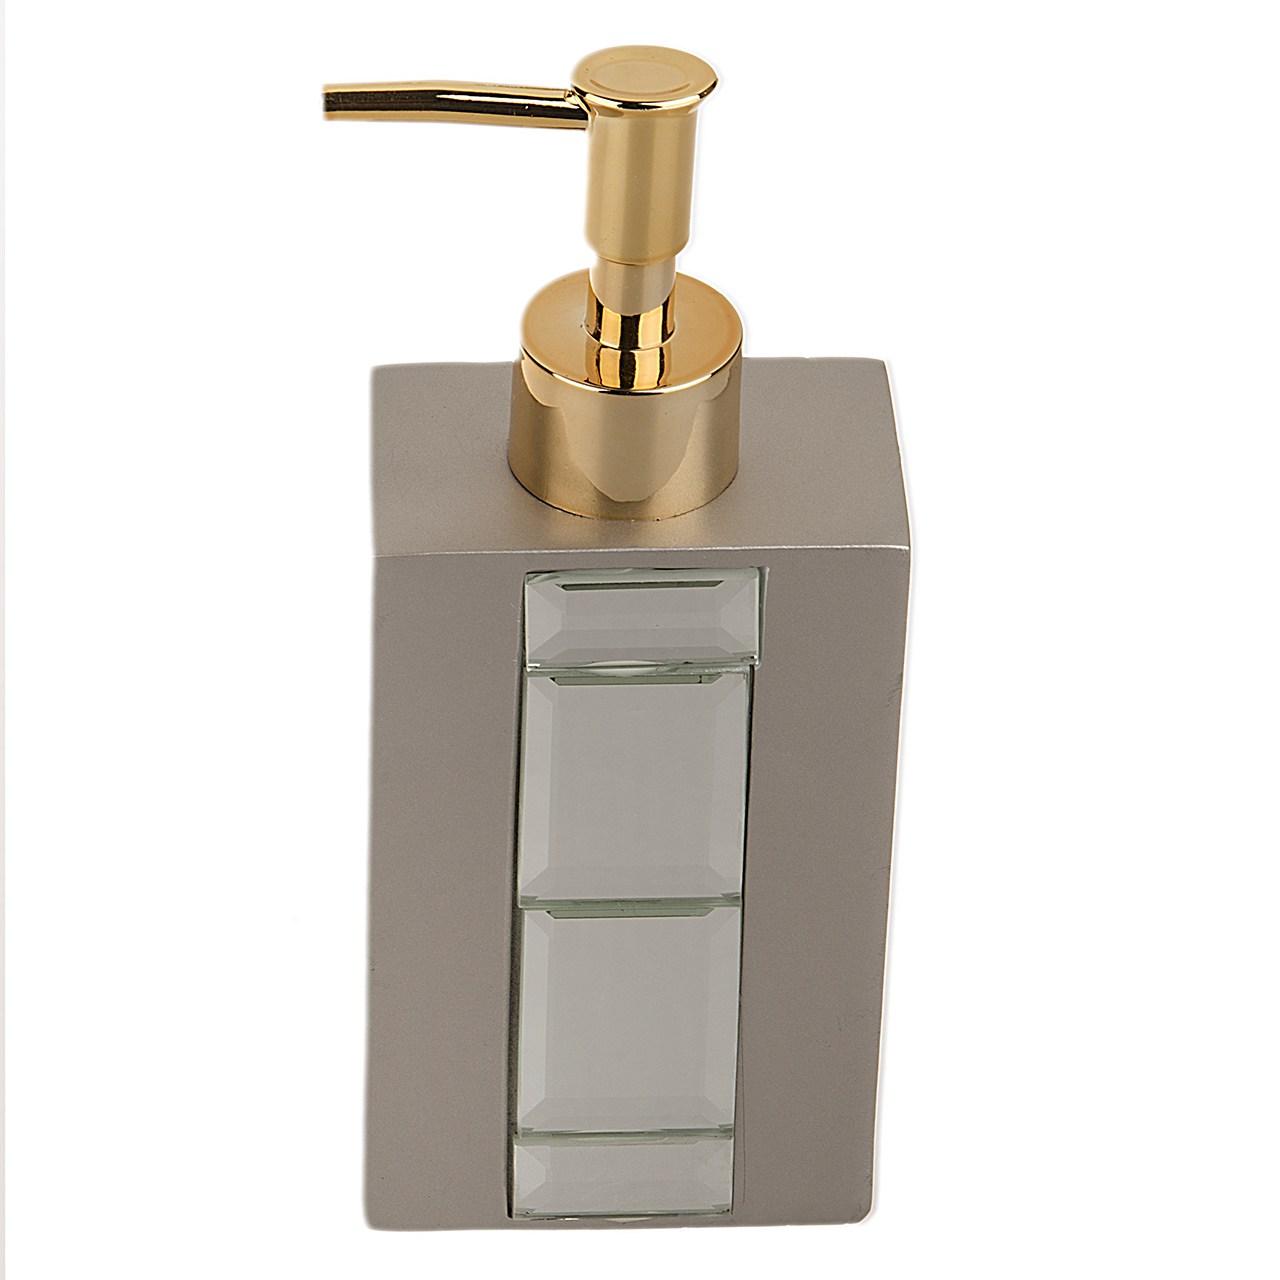 پمپ مایع دستشویی والرین مدل 1405015